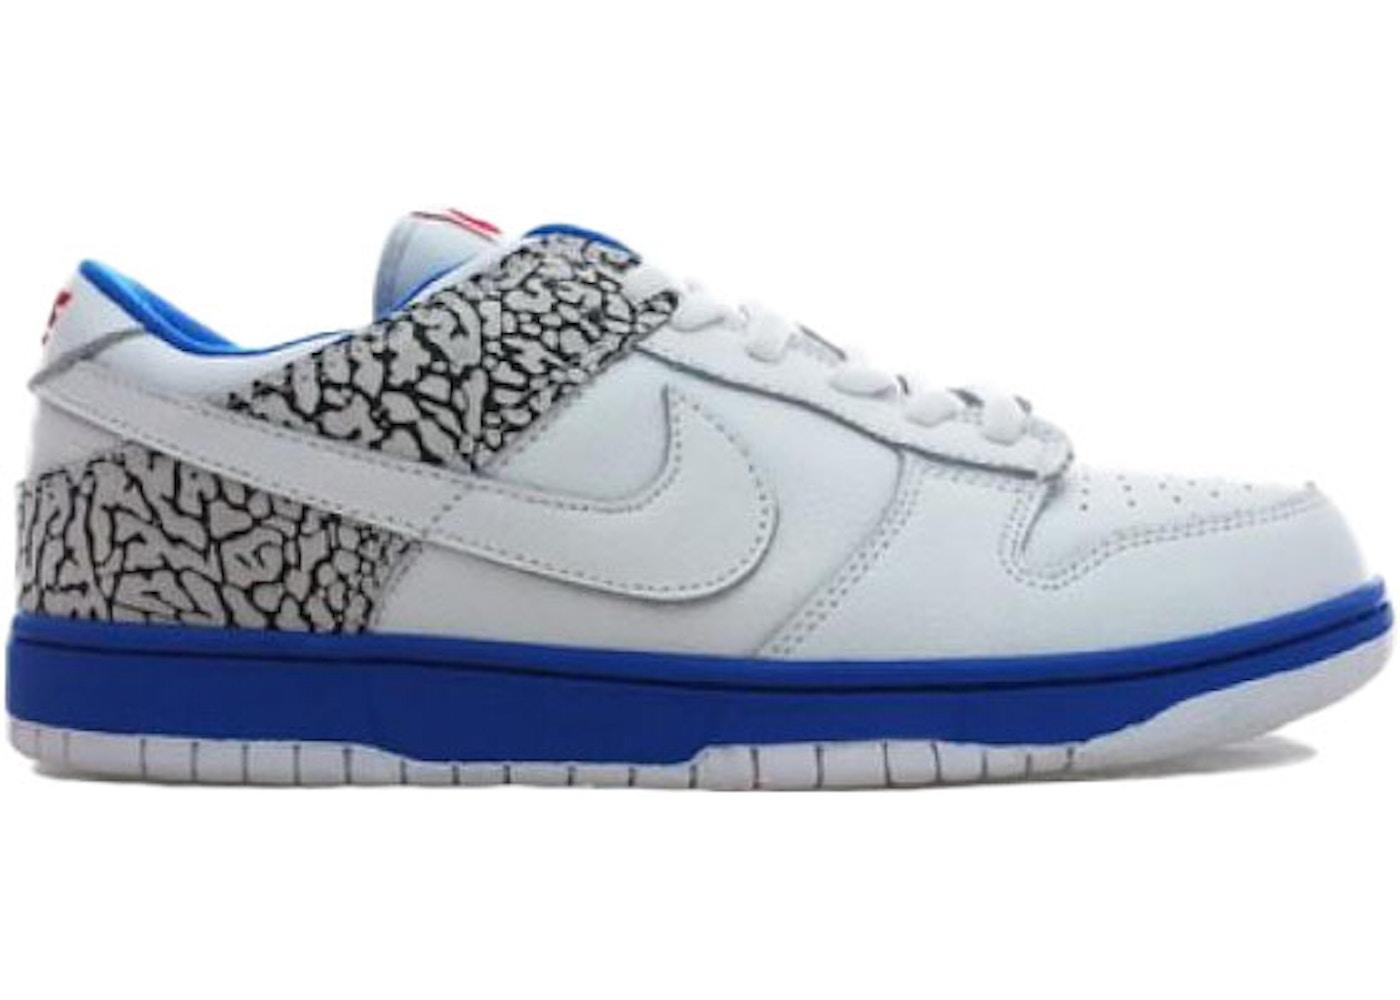 super popular bad27 cde65 Nike Dunk Low Jordan Pack